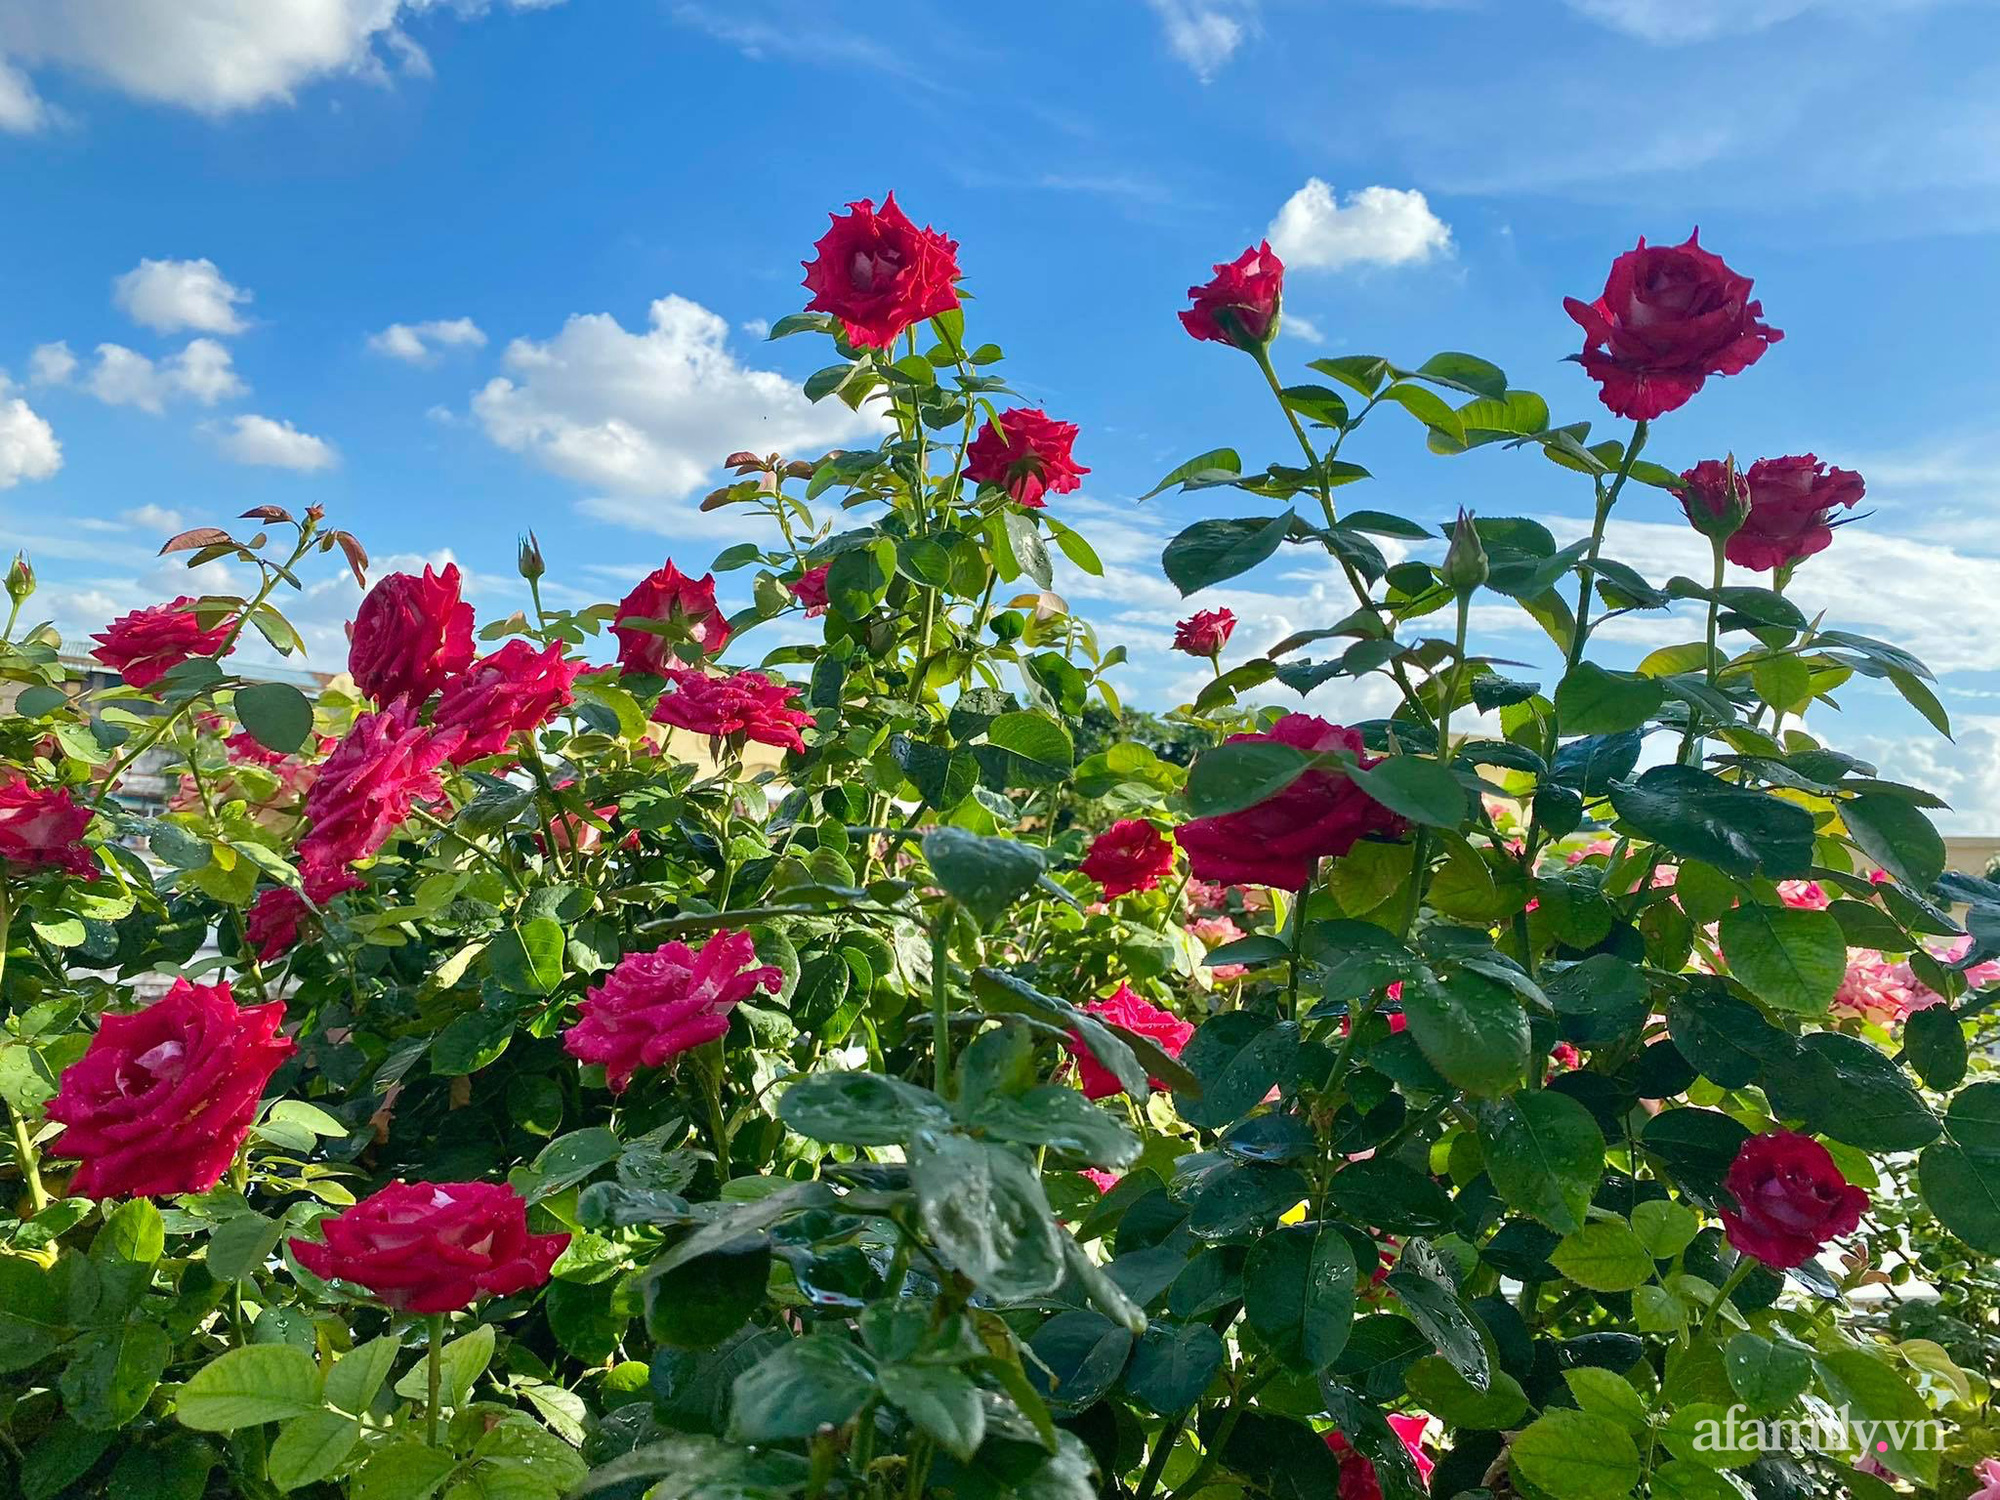 Sân thượng phủ kín hoa hồng và rau quả sạch được chăm chút nhờ bàn tay khéo léo của Hoa hậu Janny Thủy Trần - Ảnh 12.